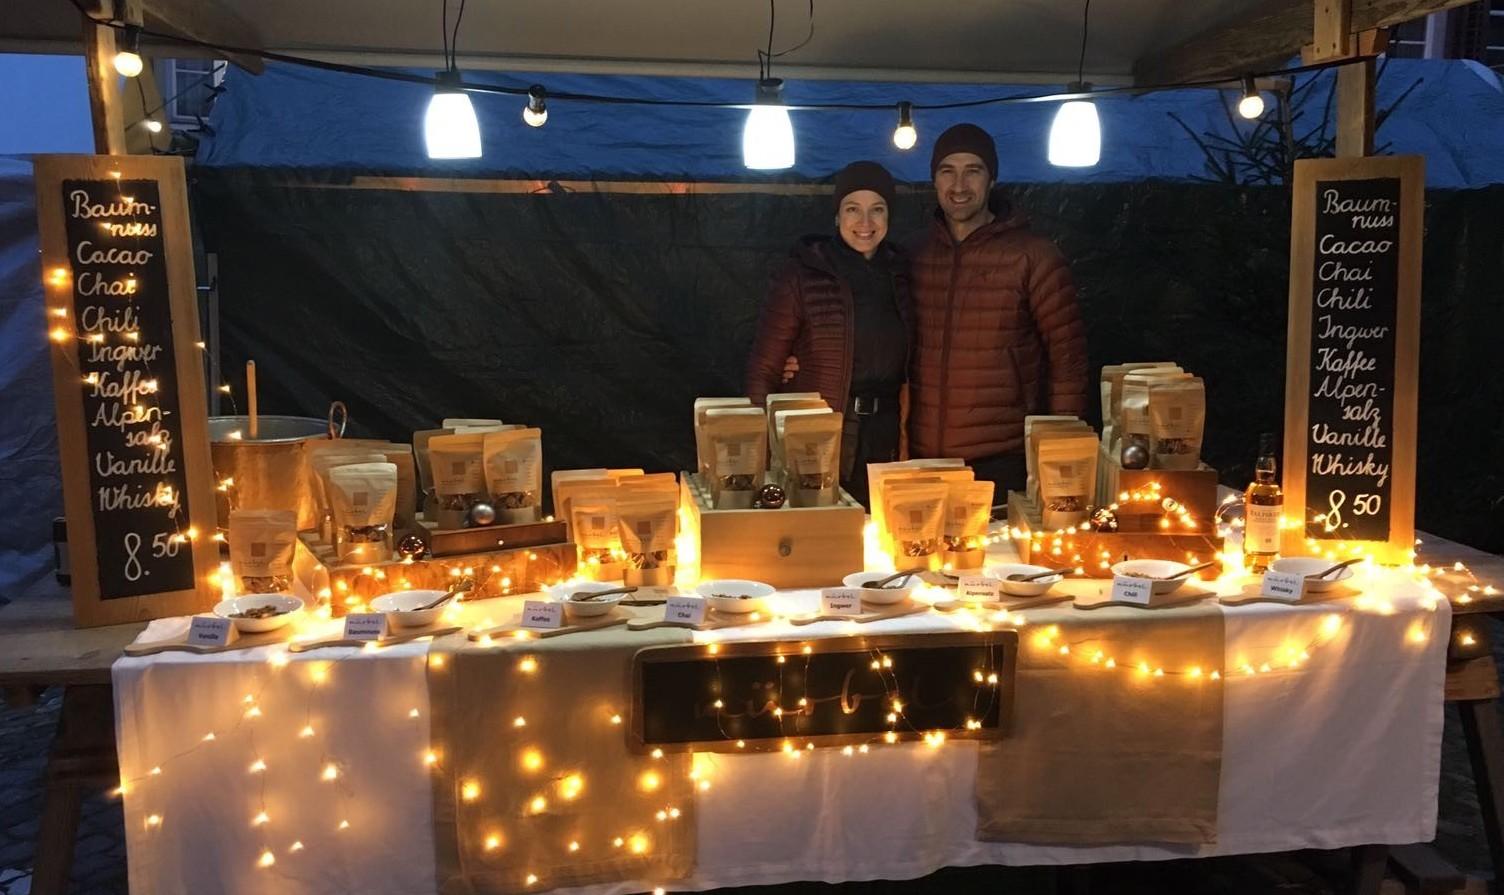 Barbara und Niels Meijerink mit ihrem karamellbraunen Stand an den Märkten. Einladend darf der Besucher von den verschiedenen Geschmacksrichtungen des Milchkaramells probieren.